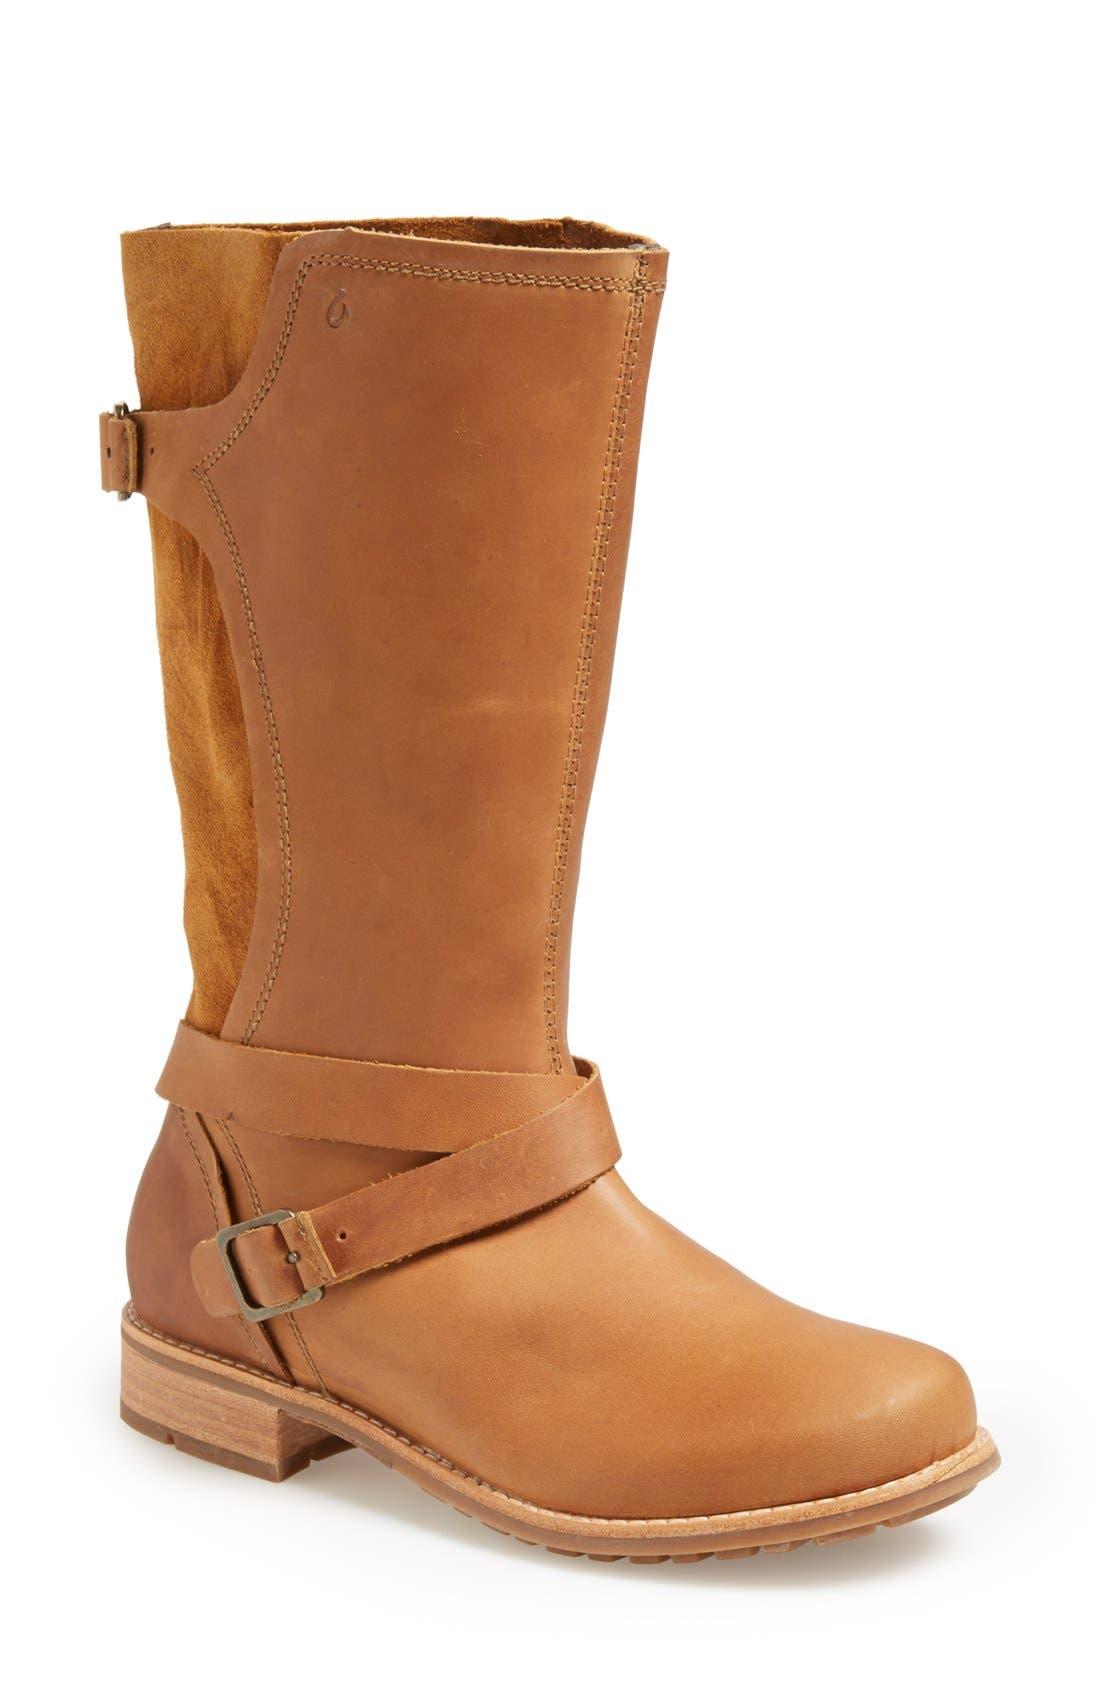 Main Image - OluKai 'Pa'ai' Leather Boot (Women)